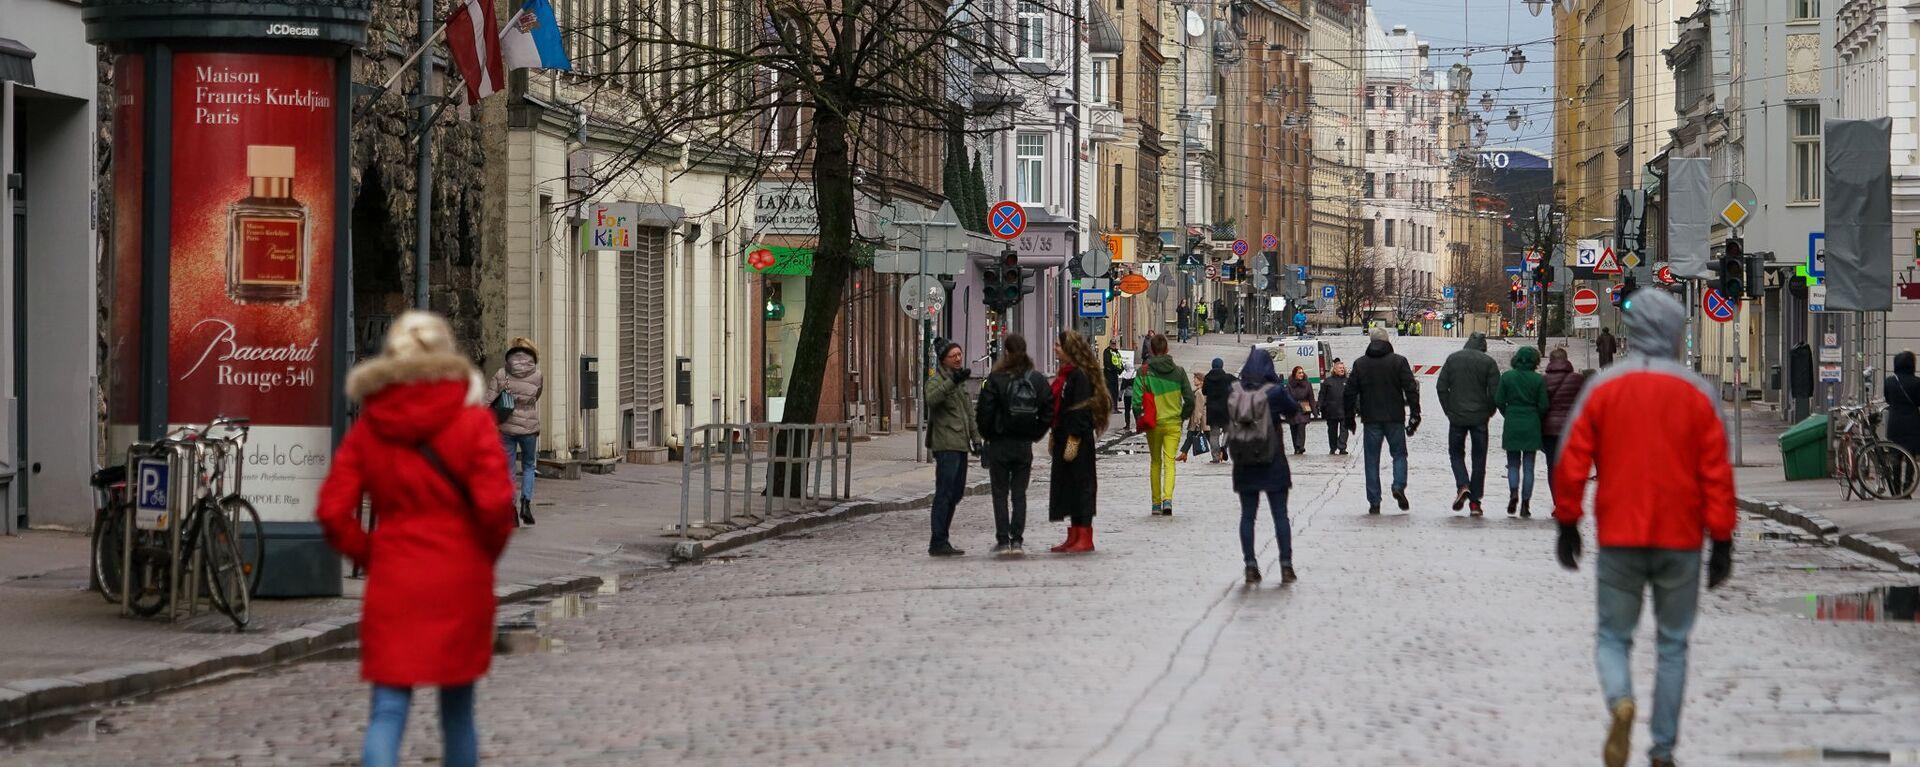 На один день улица Тербатас в Риге стала пешеходной. - Sputnik Латвия, 1920, 21.02.2020